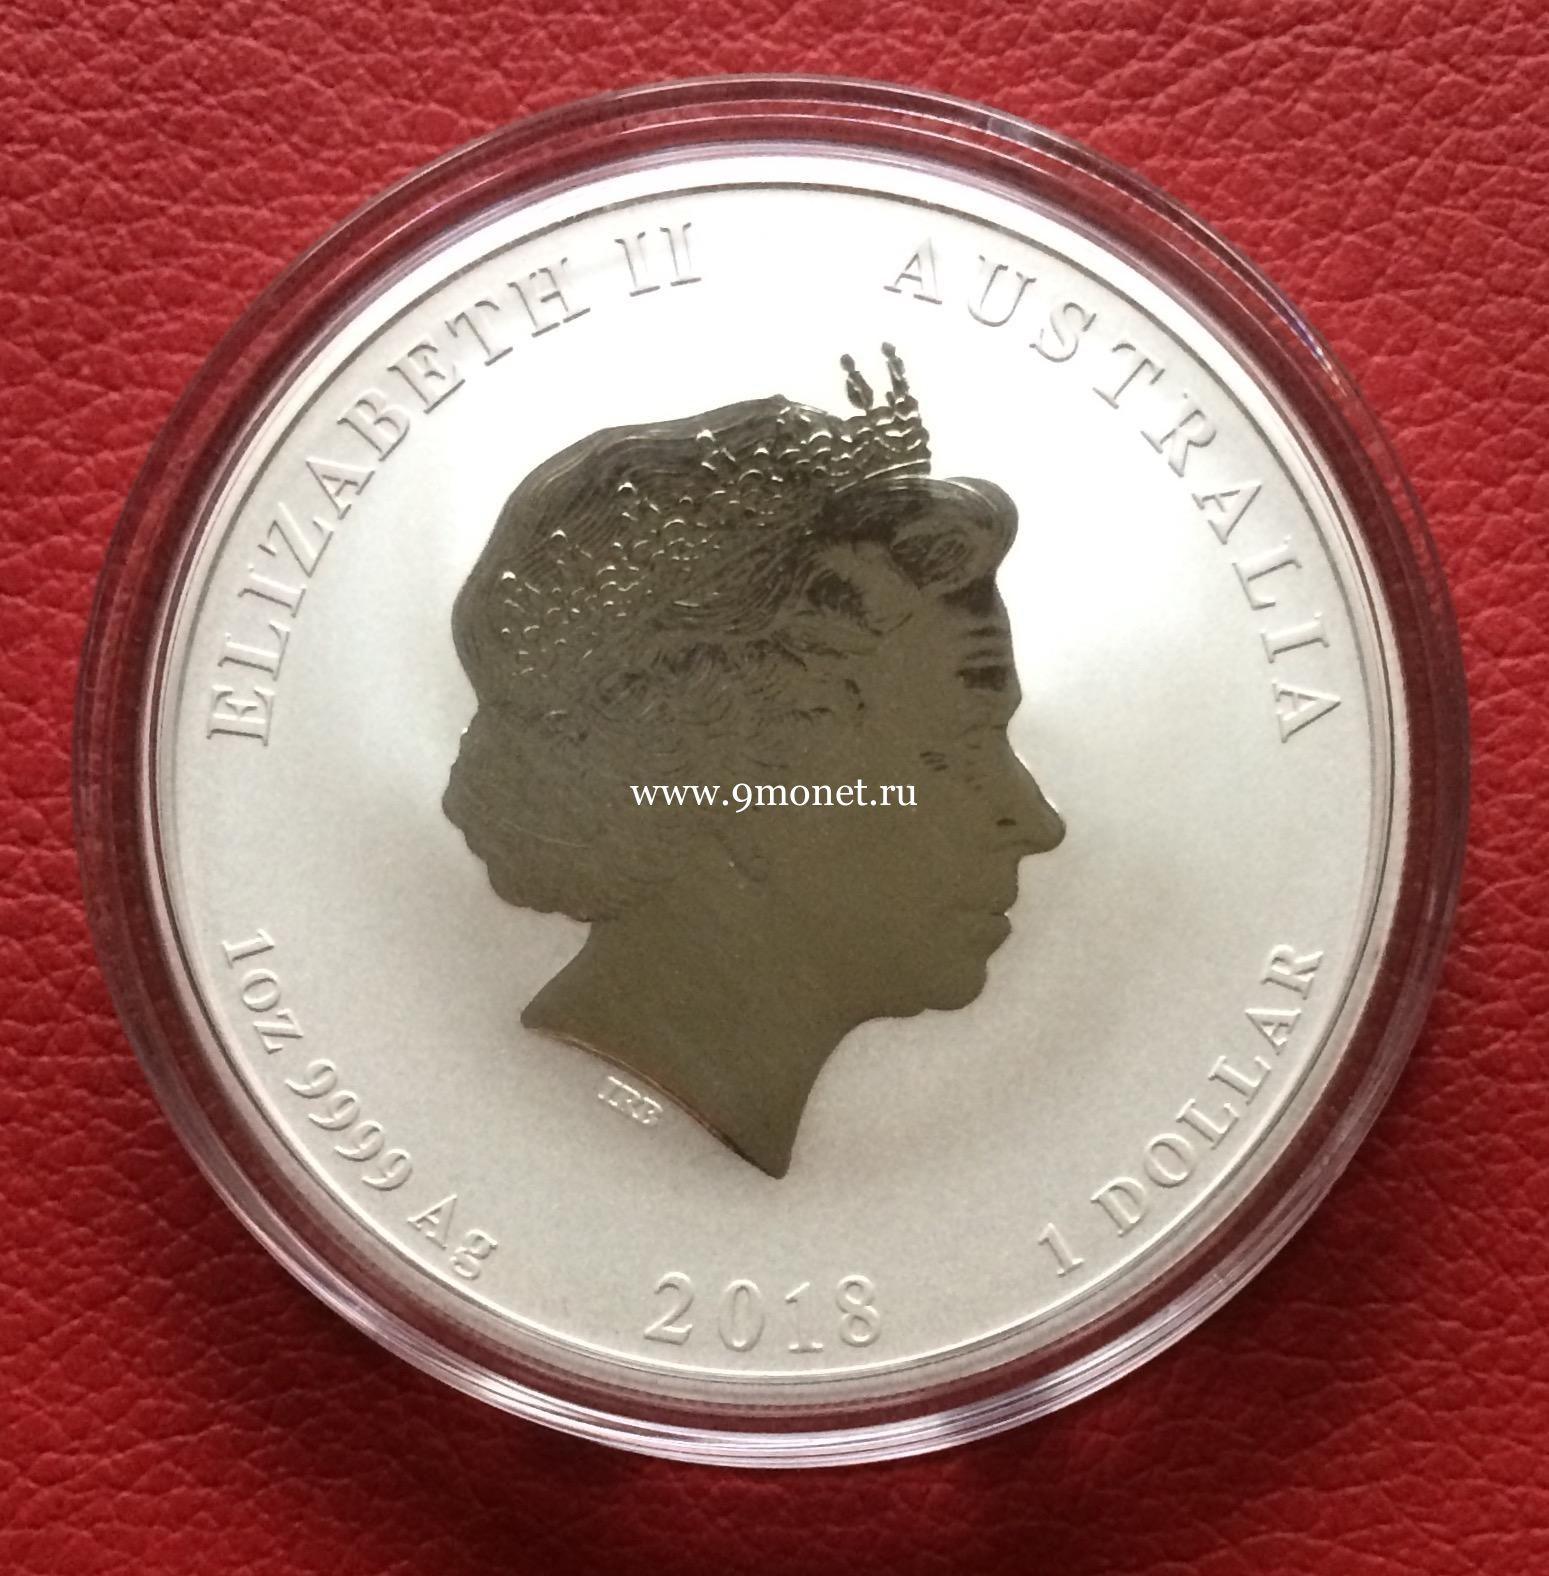 Монета серебро год собаки юбилейные монеты украины в киеве